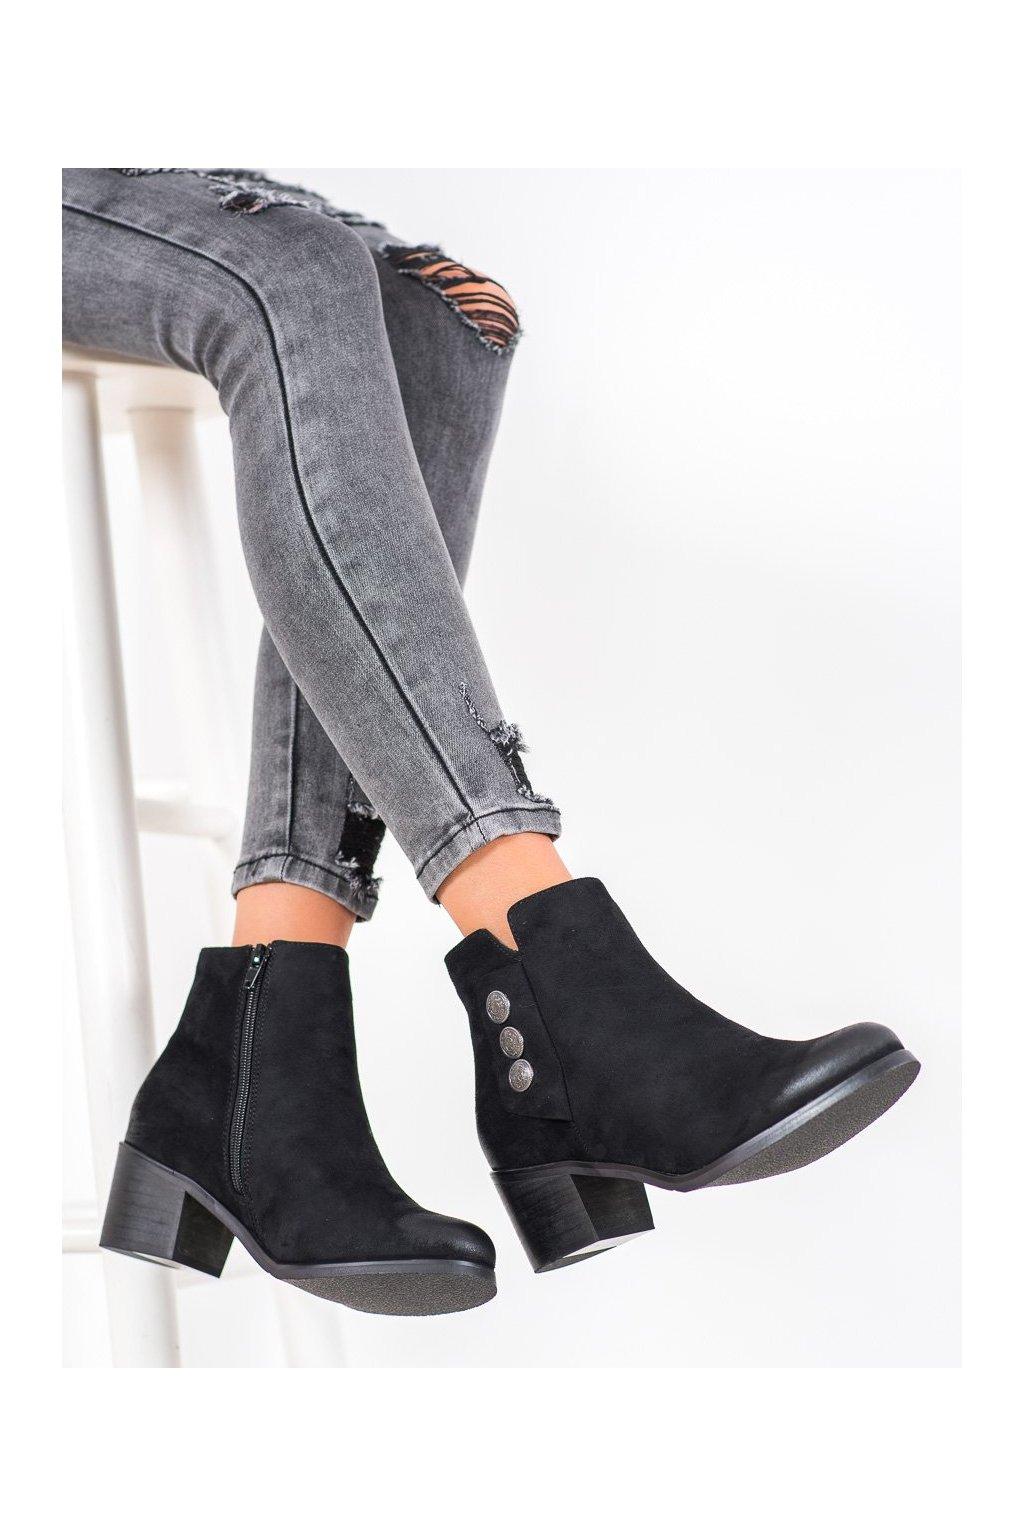 Čierne dámske topánky Goodin kod GD-DS-05A-B